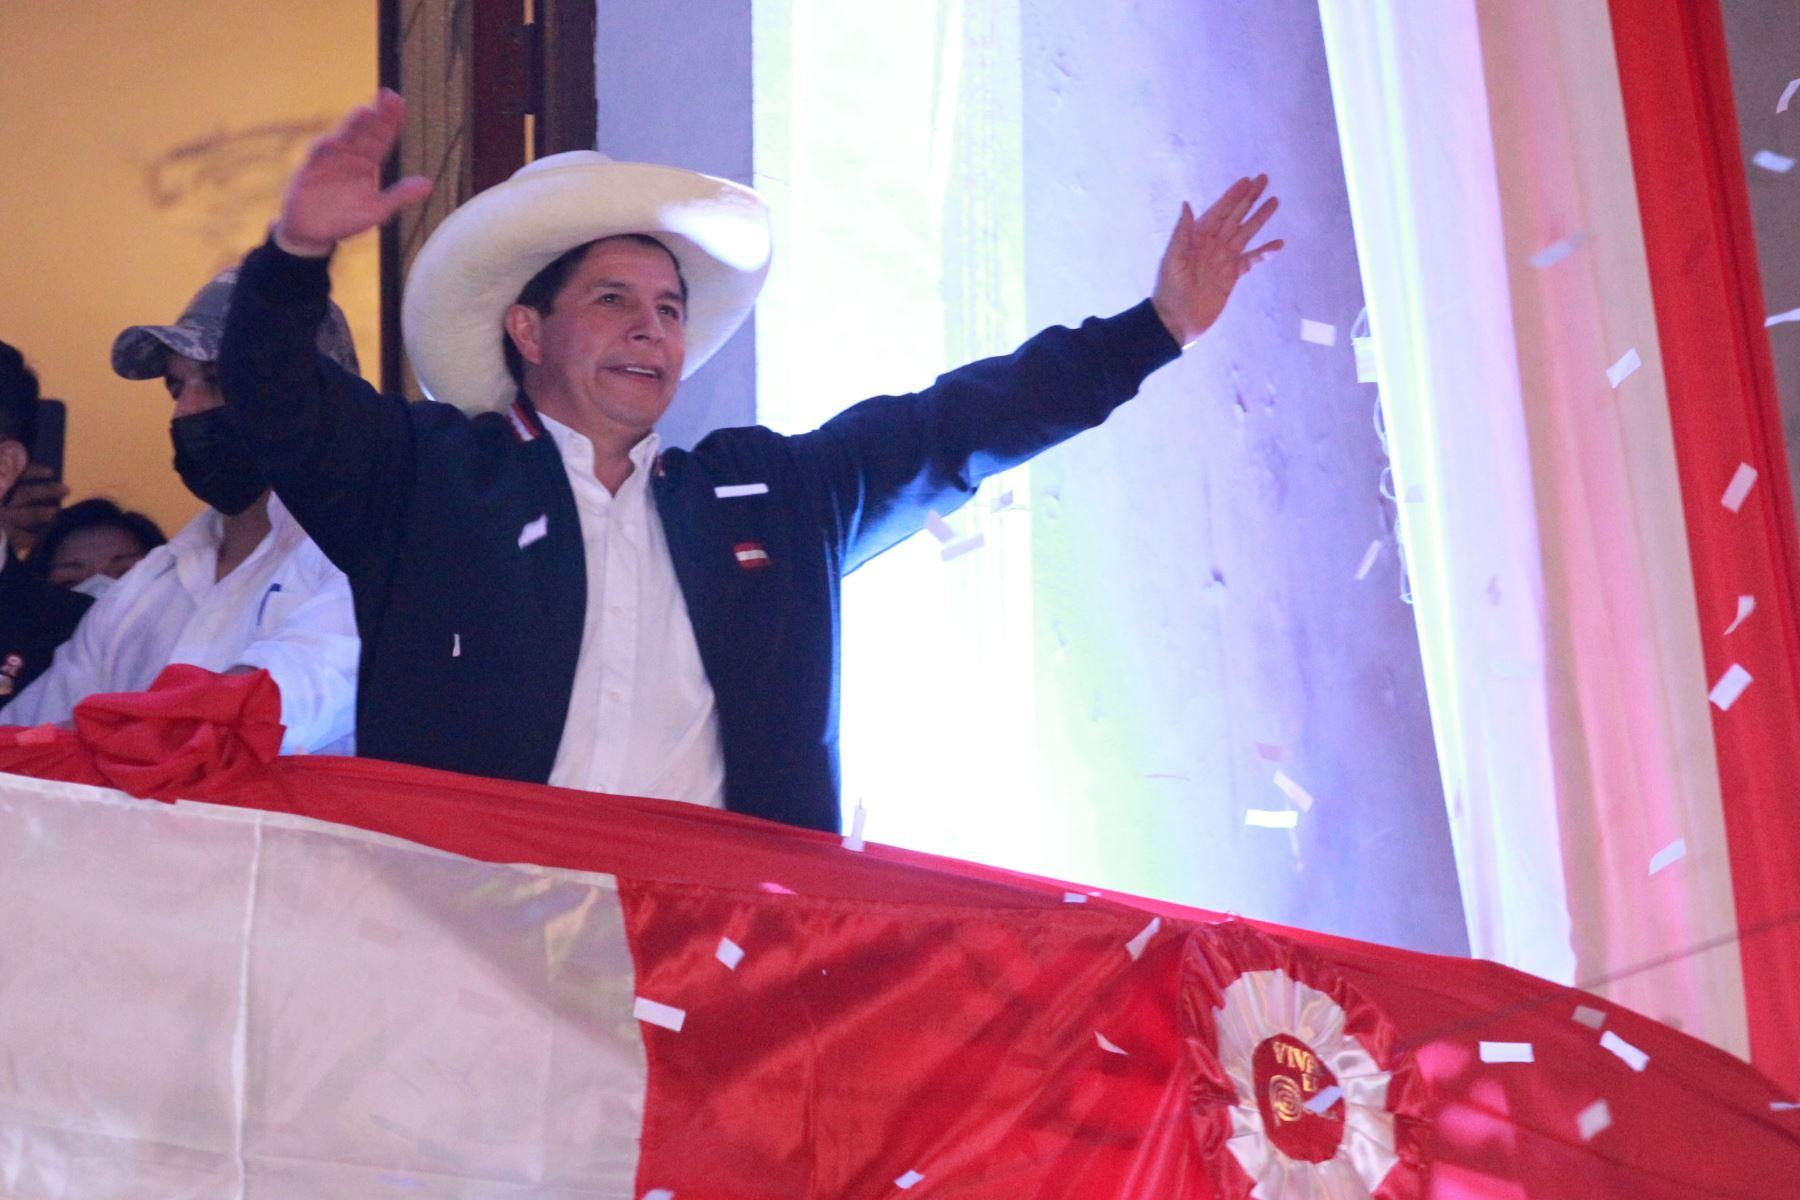 El presidente electo Pedro Castillo, se dirige a sus  simpatizantes en el local partidario de Perú Libre, Tras  proclamación del Jurado Nacional de Elecciones. Foto: ANDINA/Jhony Laurente